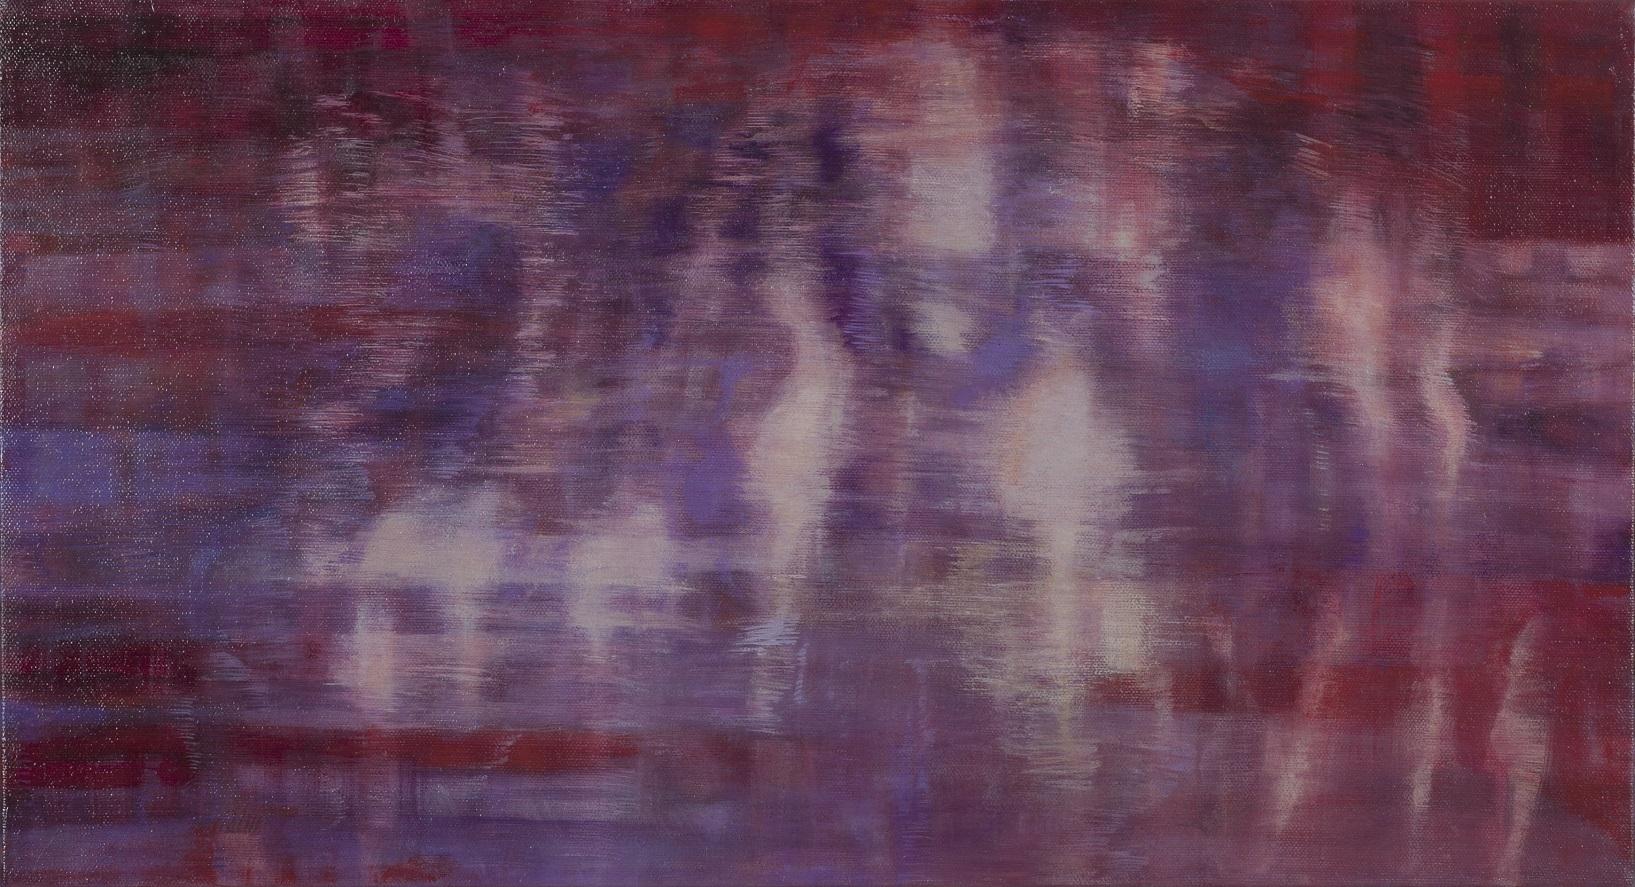 Bracha L. Ettinger, St. John the Baptist - No Title Yet, n.1, 2003-2009, oil on canvas